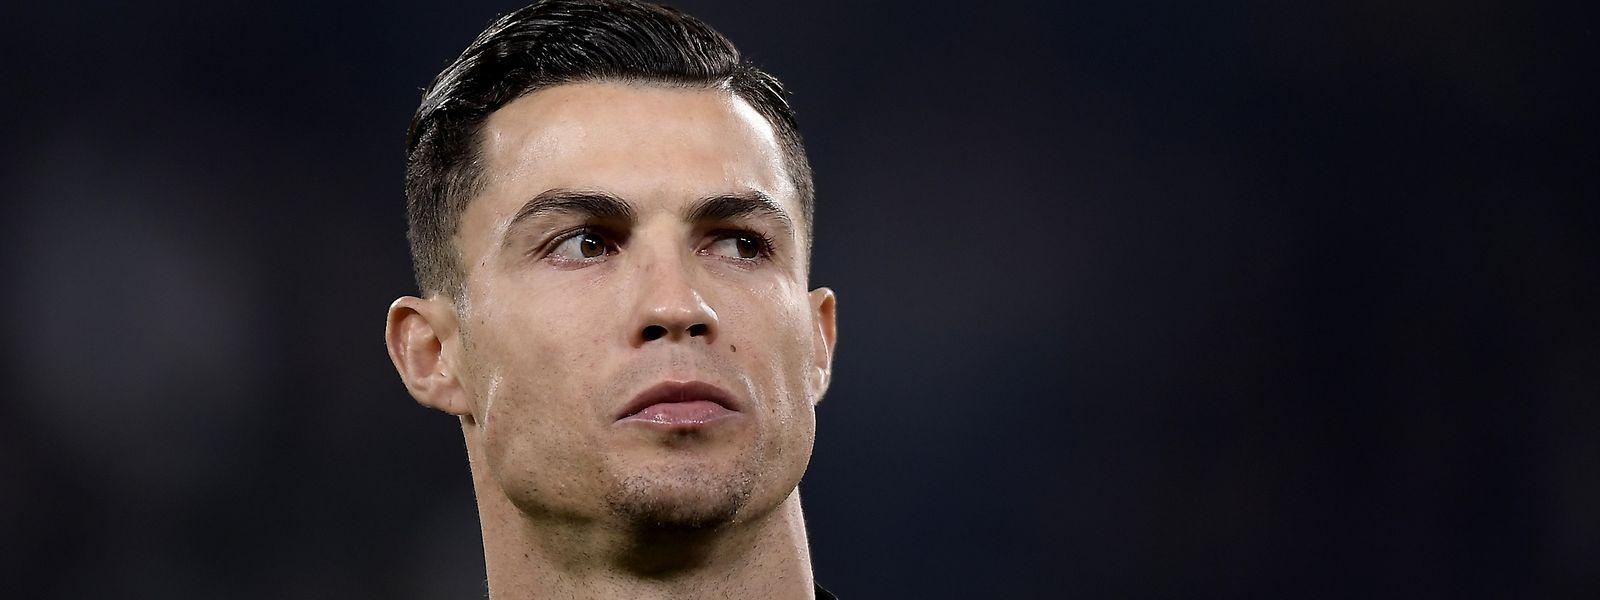 Cristiano Ronaldo affrontera-t-il le Luxembourg? L'ancien Ballon d'Or souffre du genou.